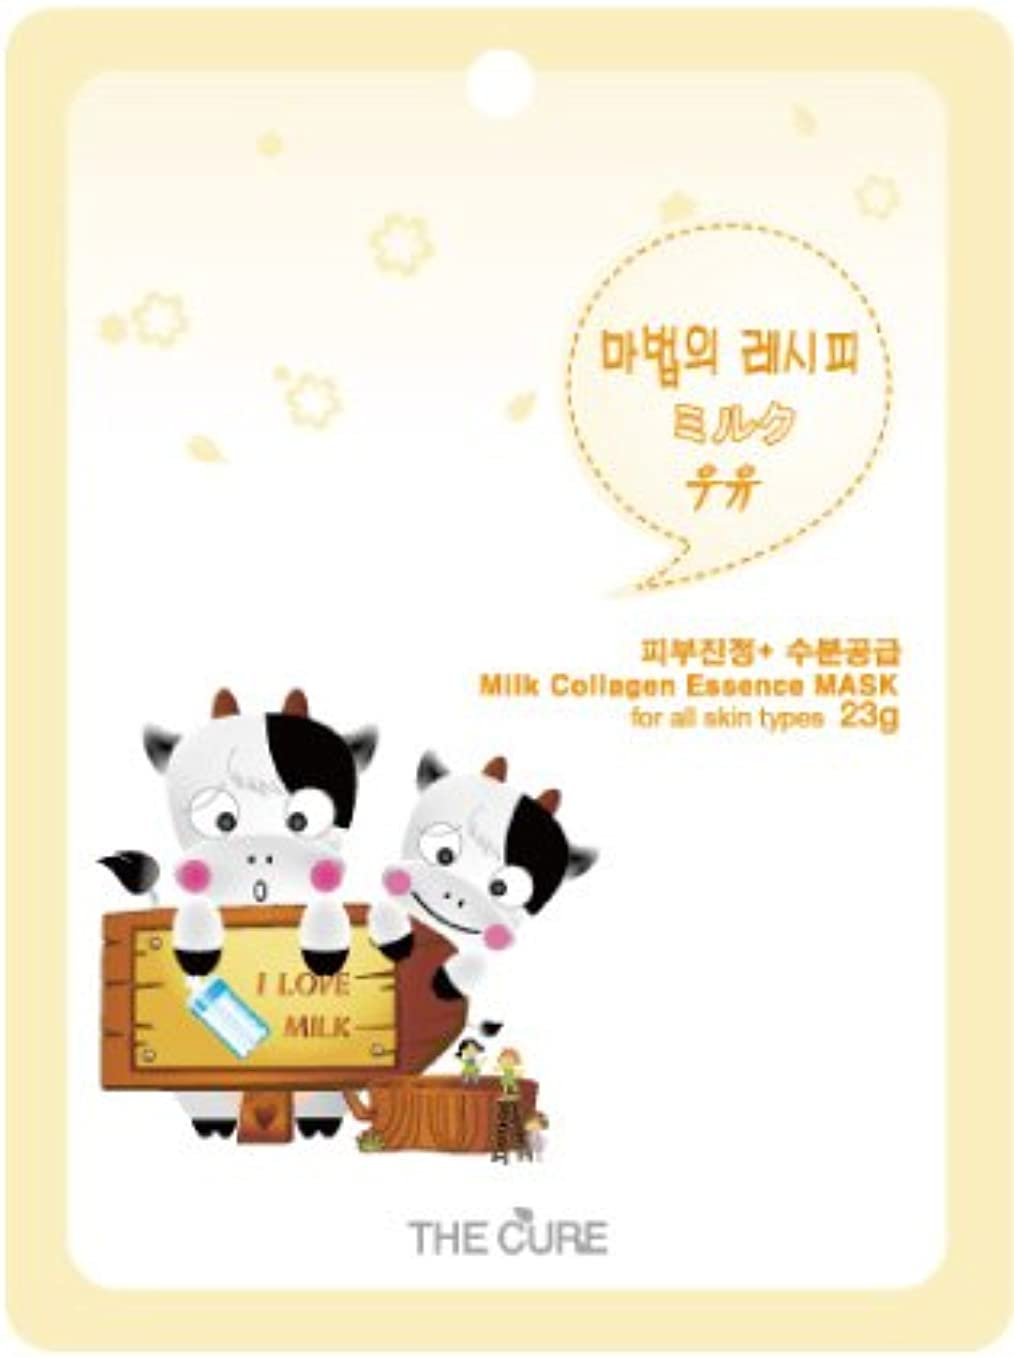 執着同行する人工ミルク コラーゲン エッセンス マスク THE CURE シート パック 10枚セット 韓国 コスメ 乾燥肌 オイリー肌 混合肌